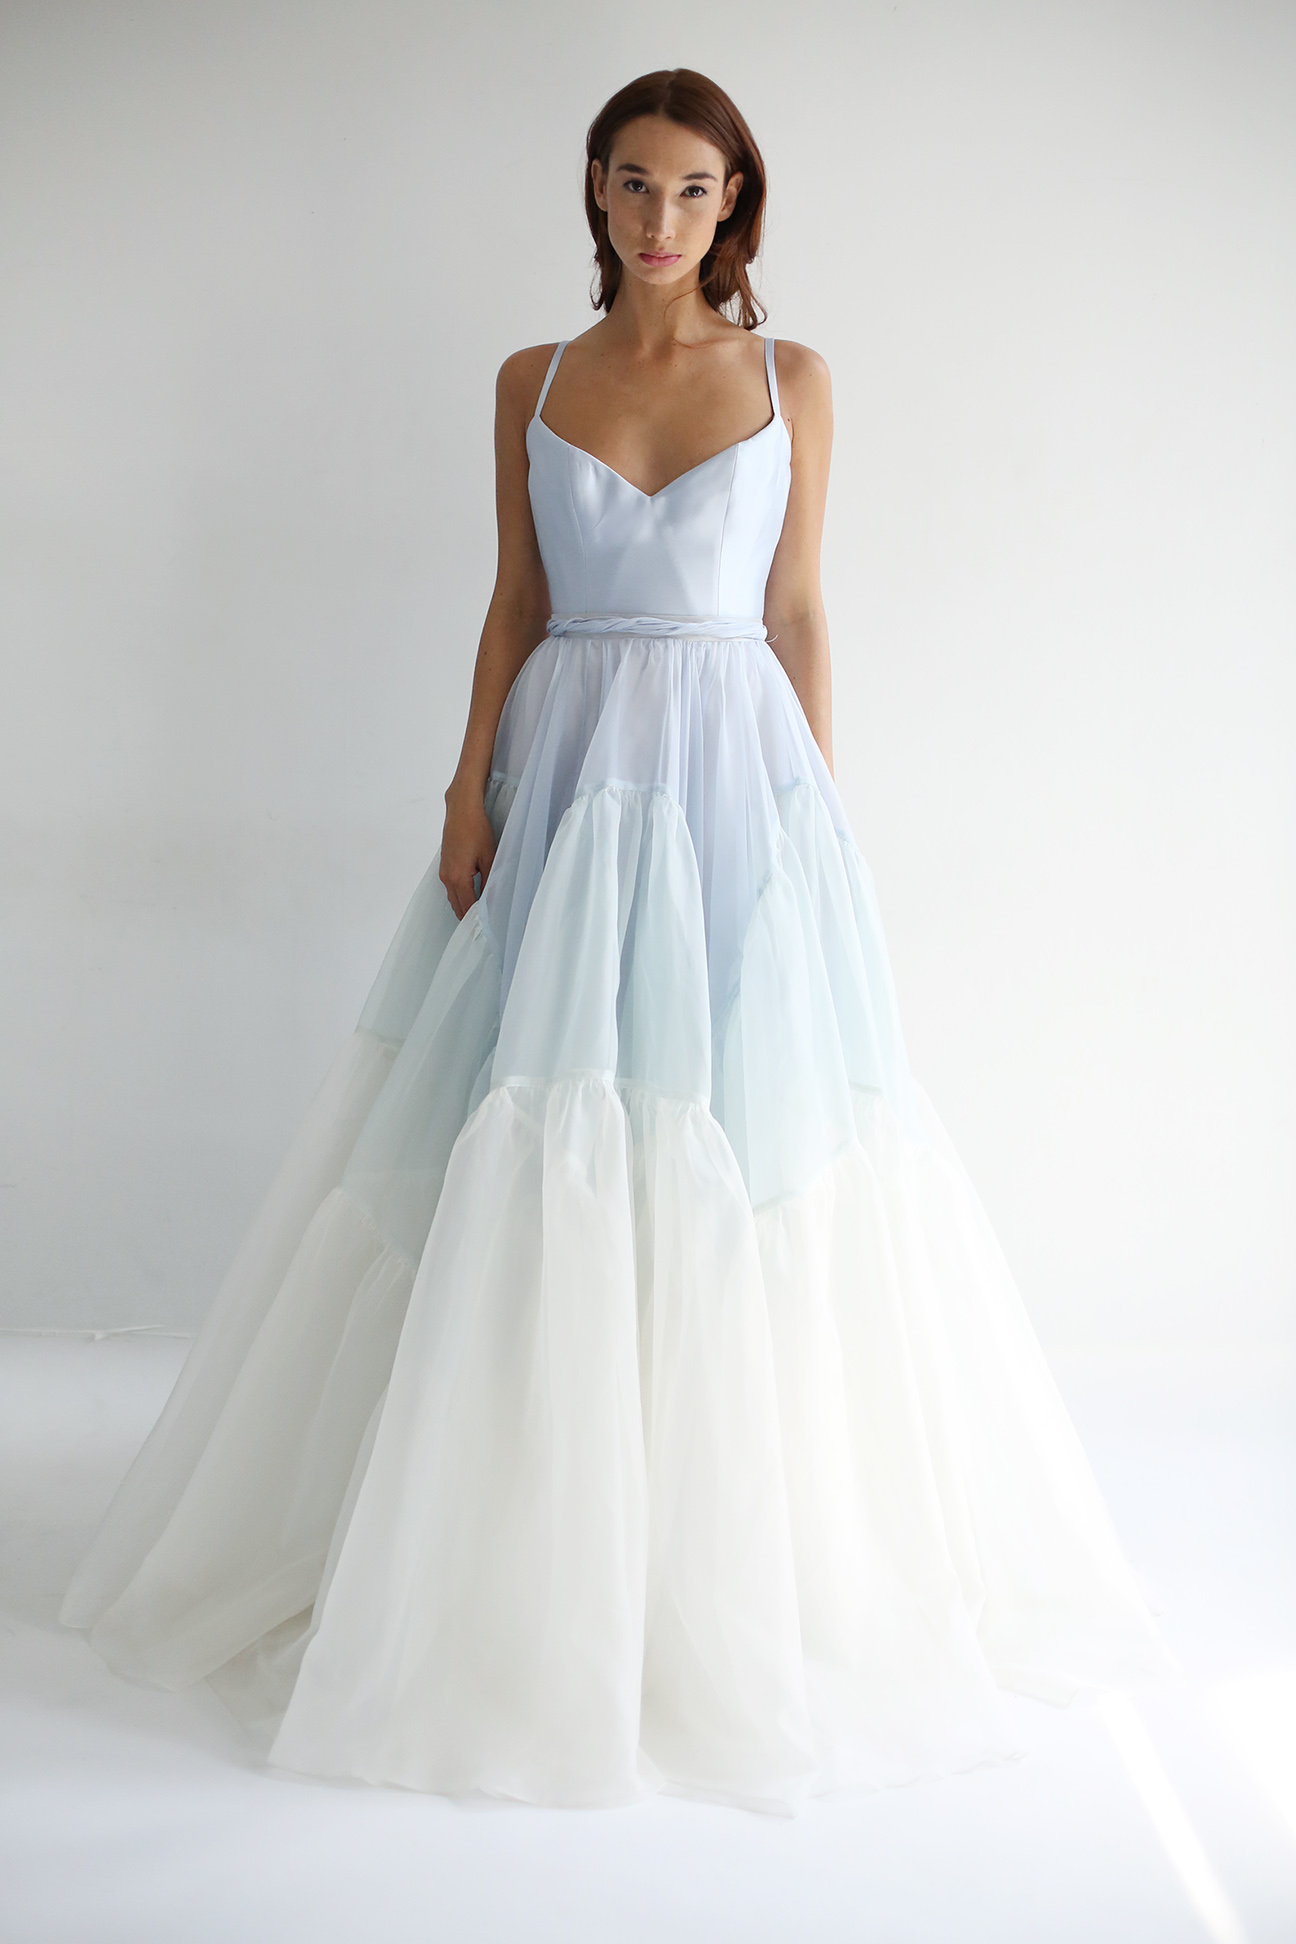 leanne-marshall-bridal-21.jpg